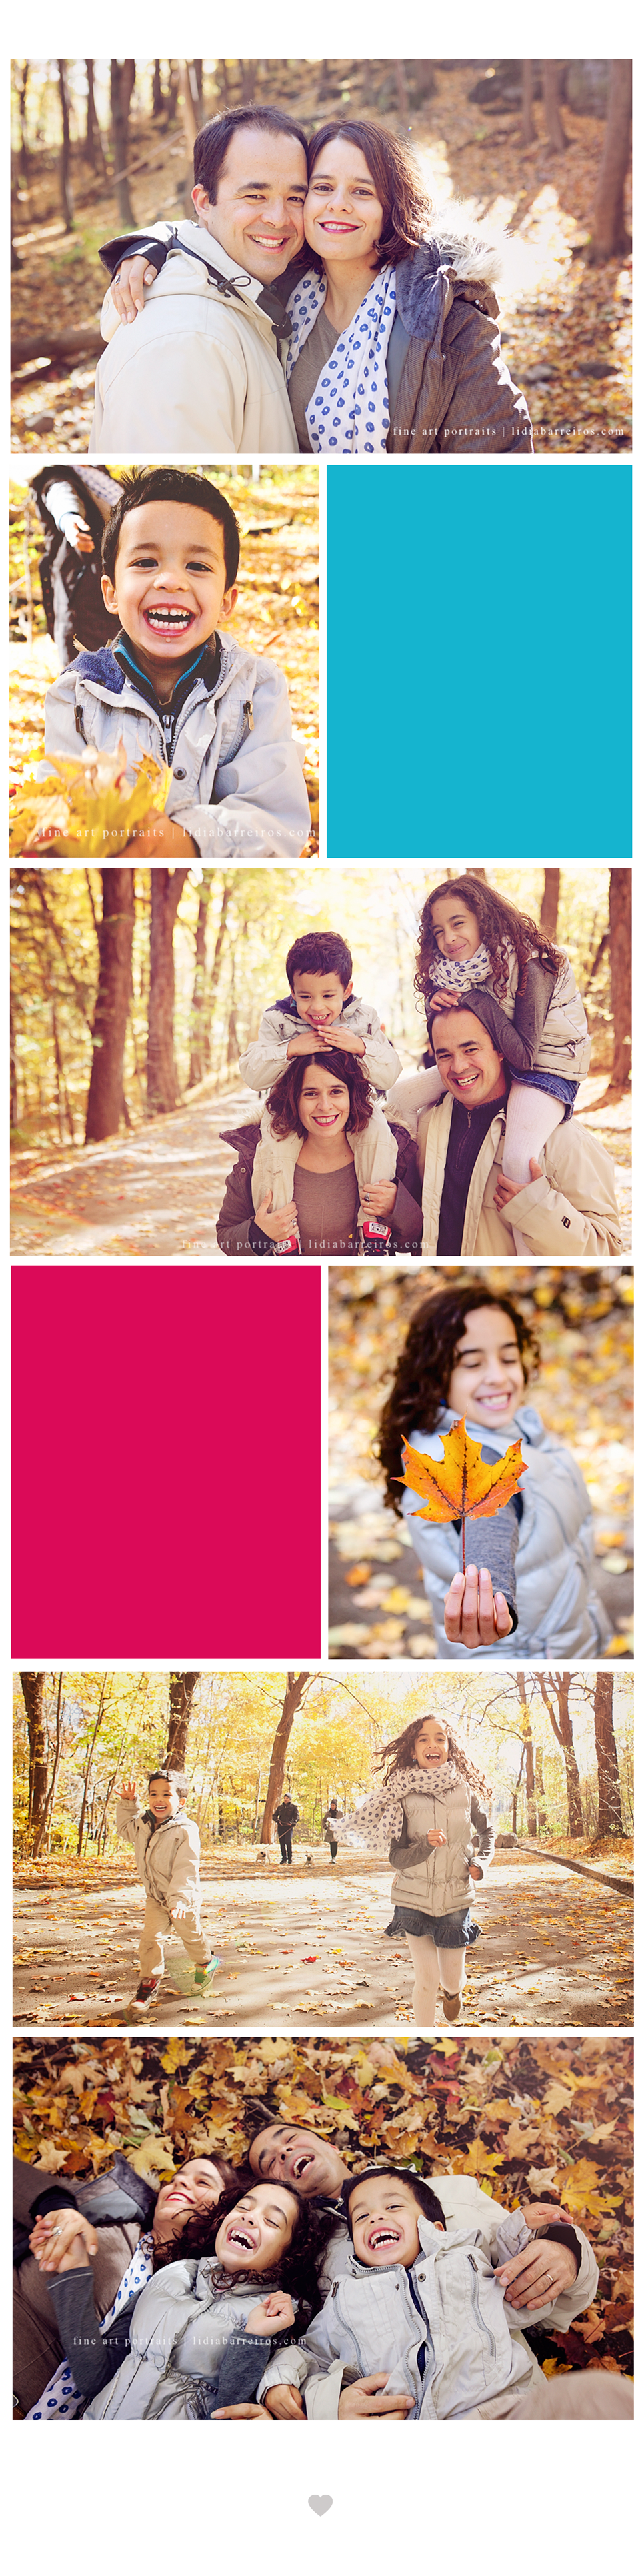 family_autumn